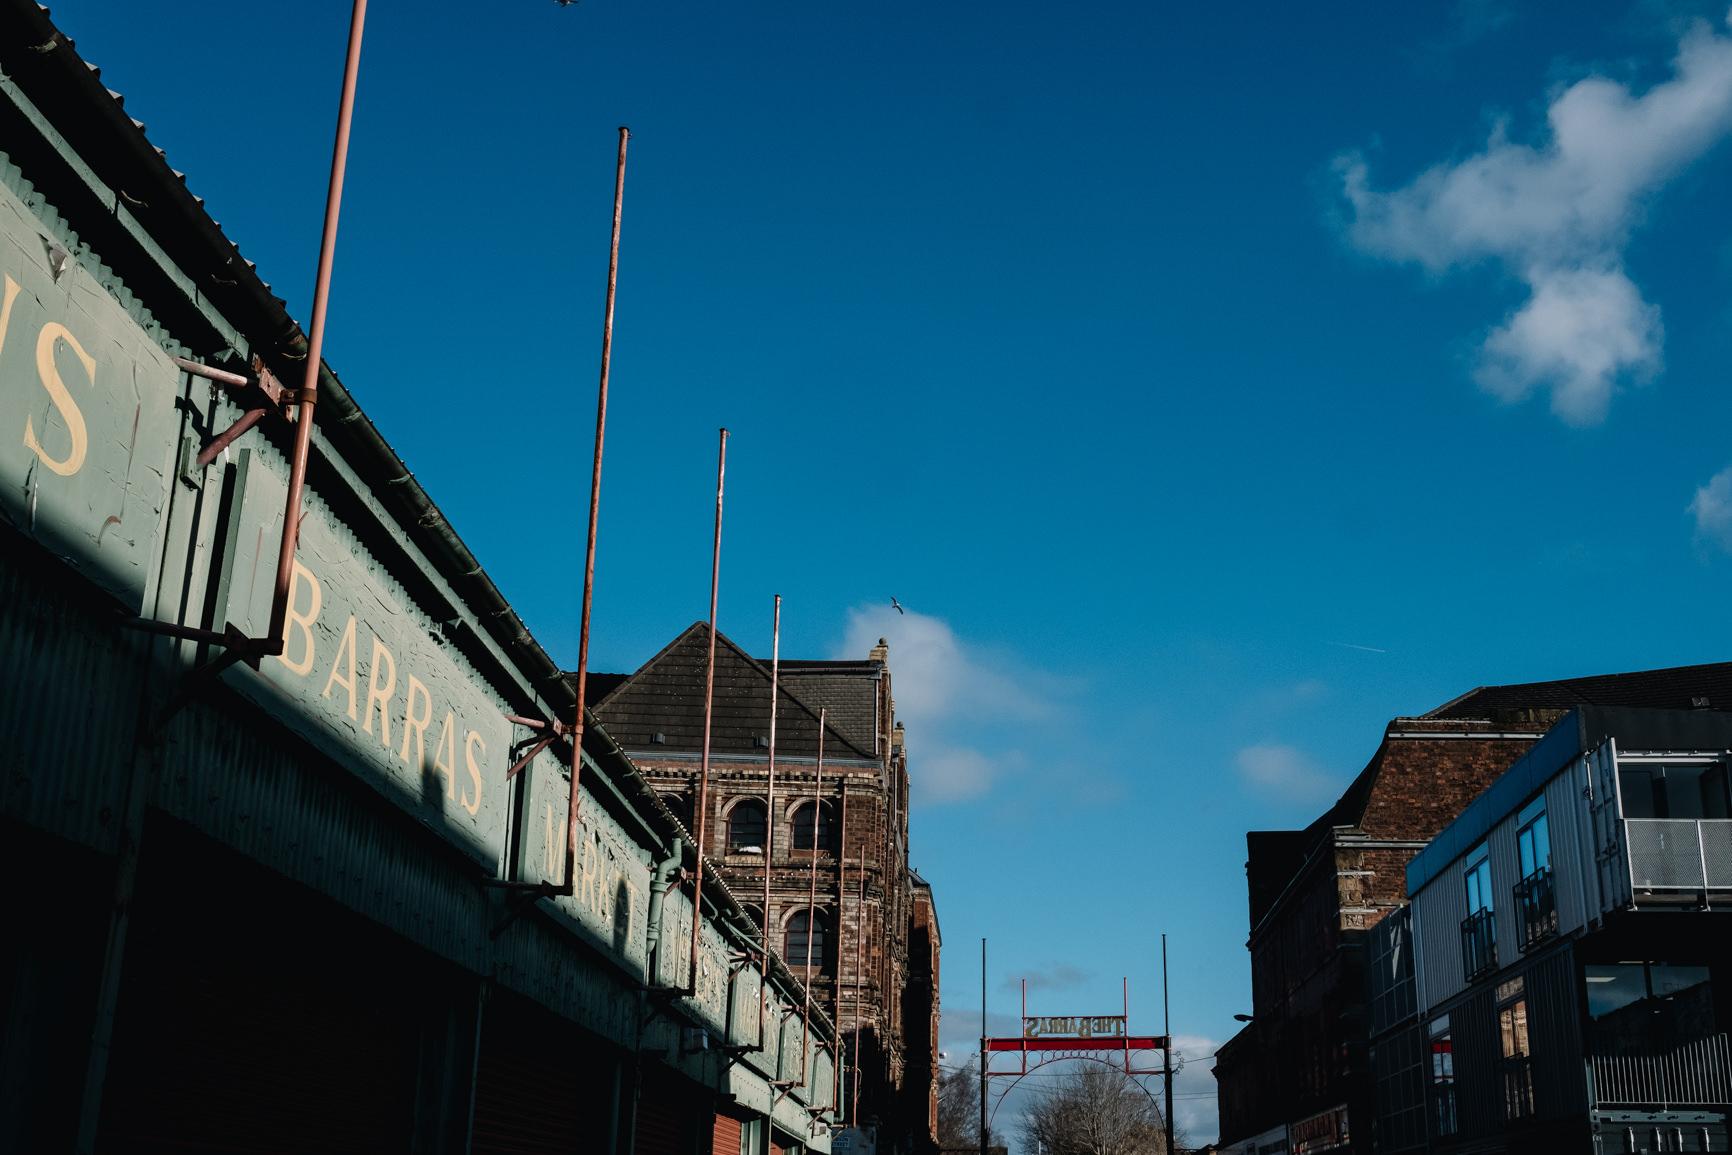 04-Barras-Glasgow-Harper-Scott-Photo.jpg